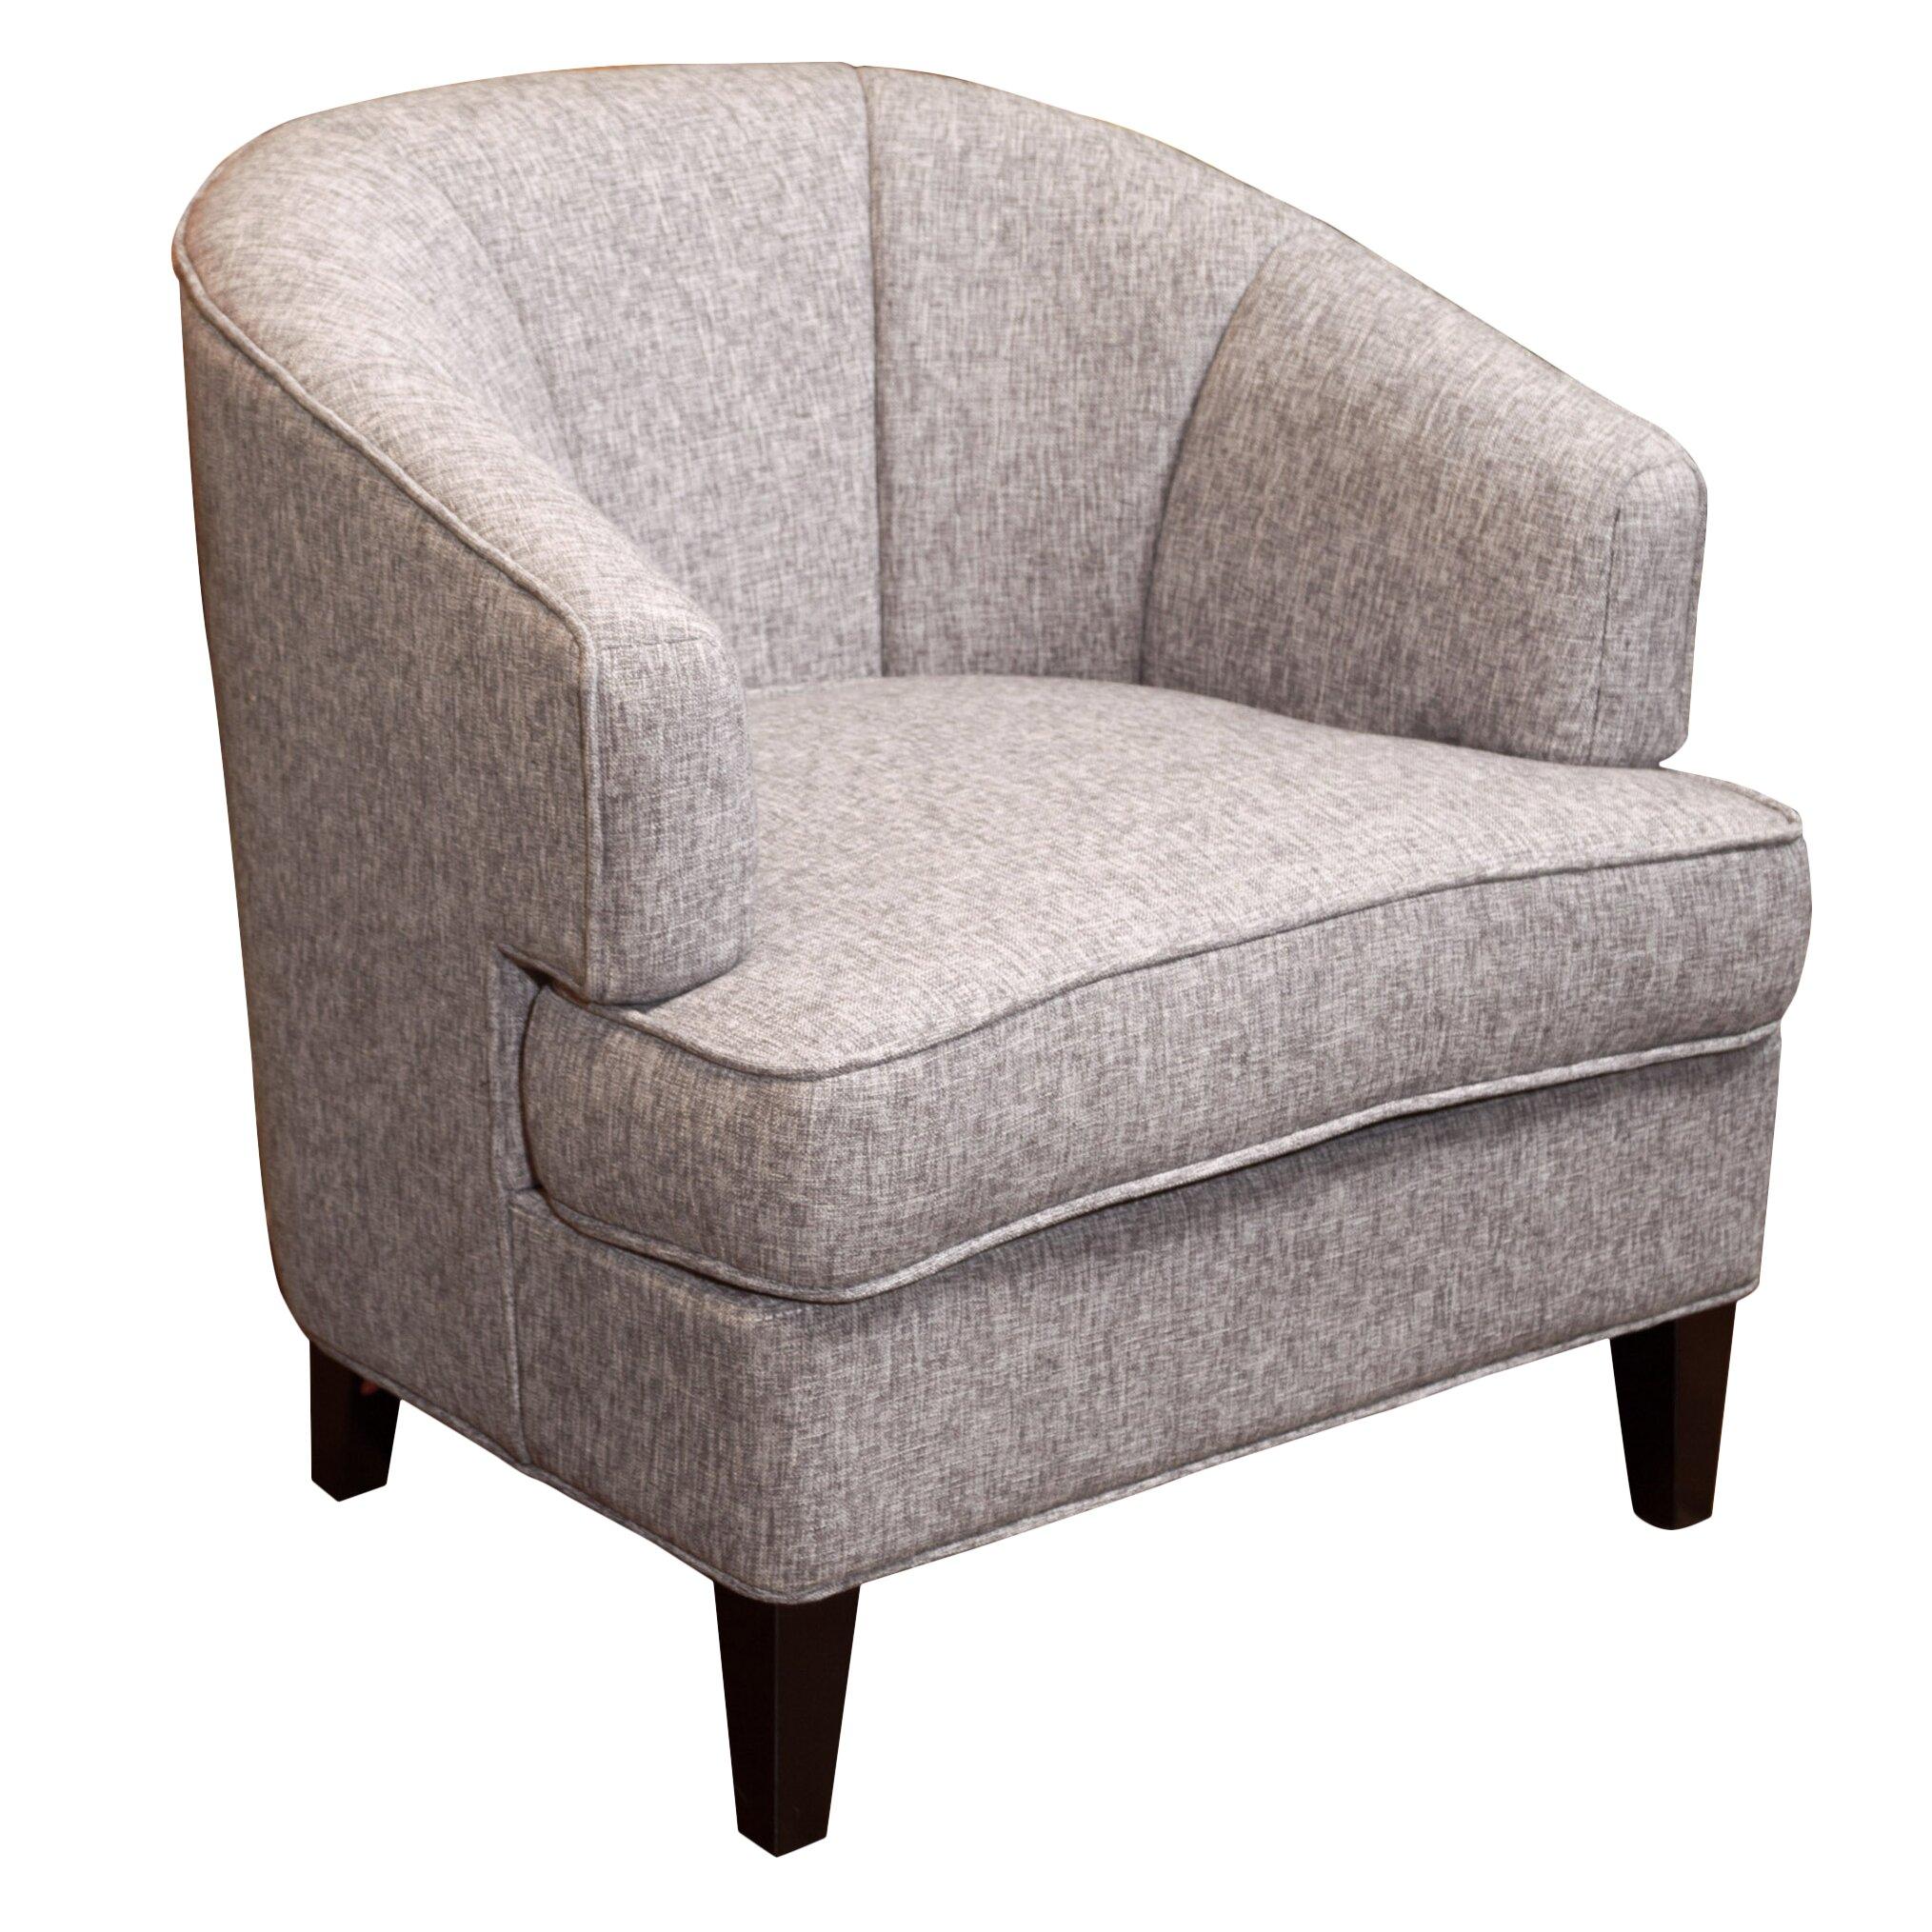 Home loft concepts dane club chair reviews wayfair supply for Wayfair shop furniture